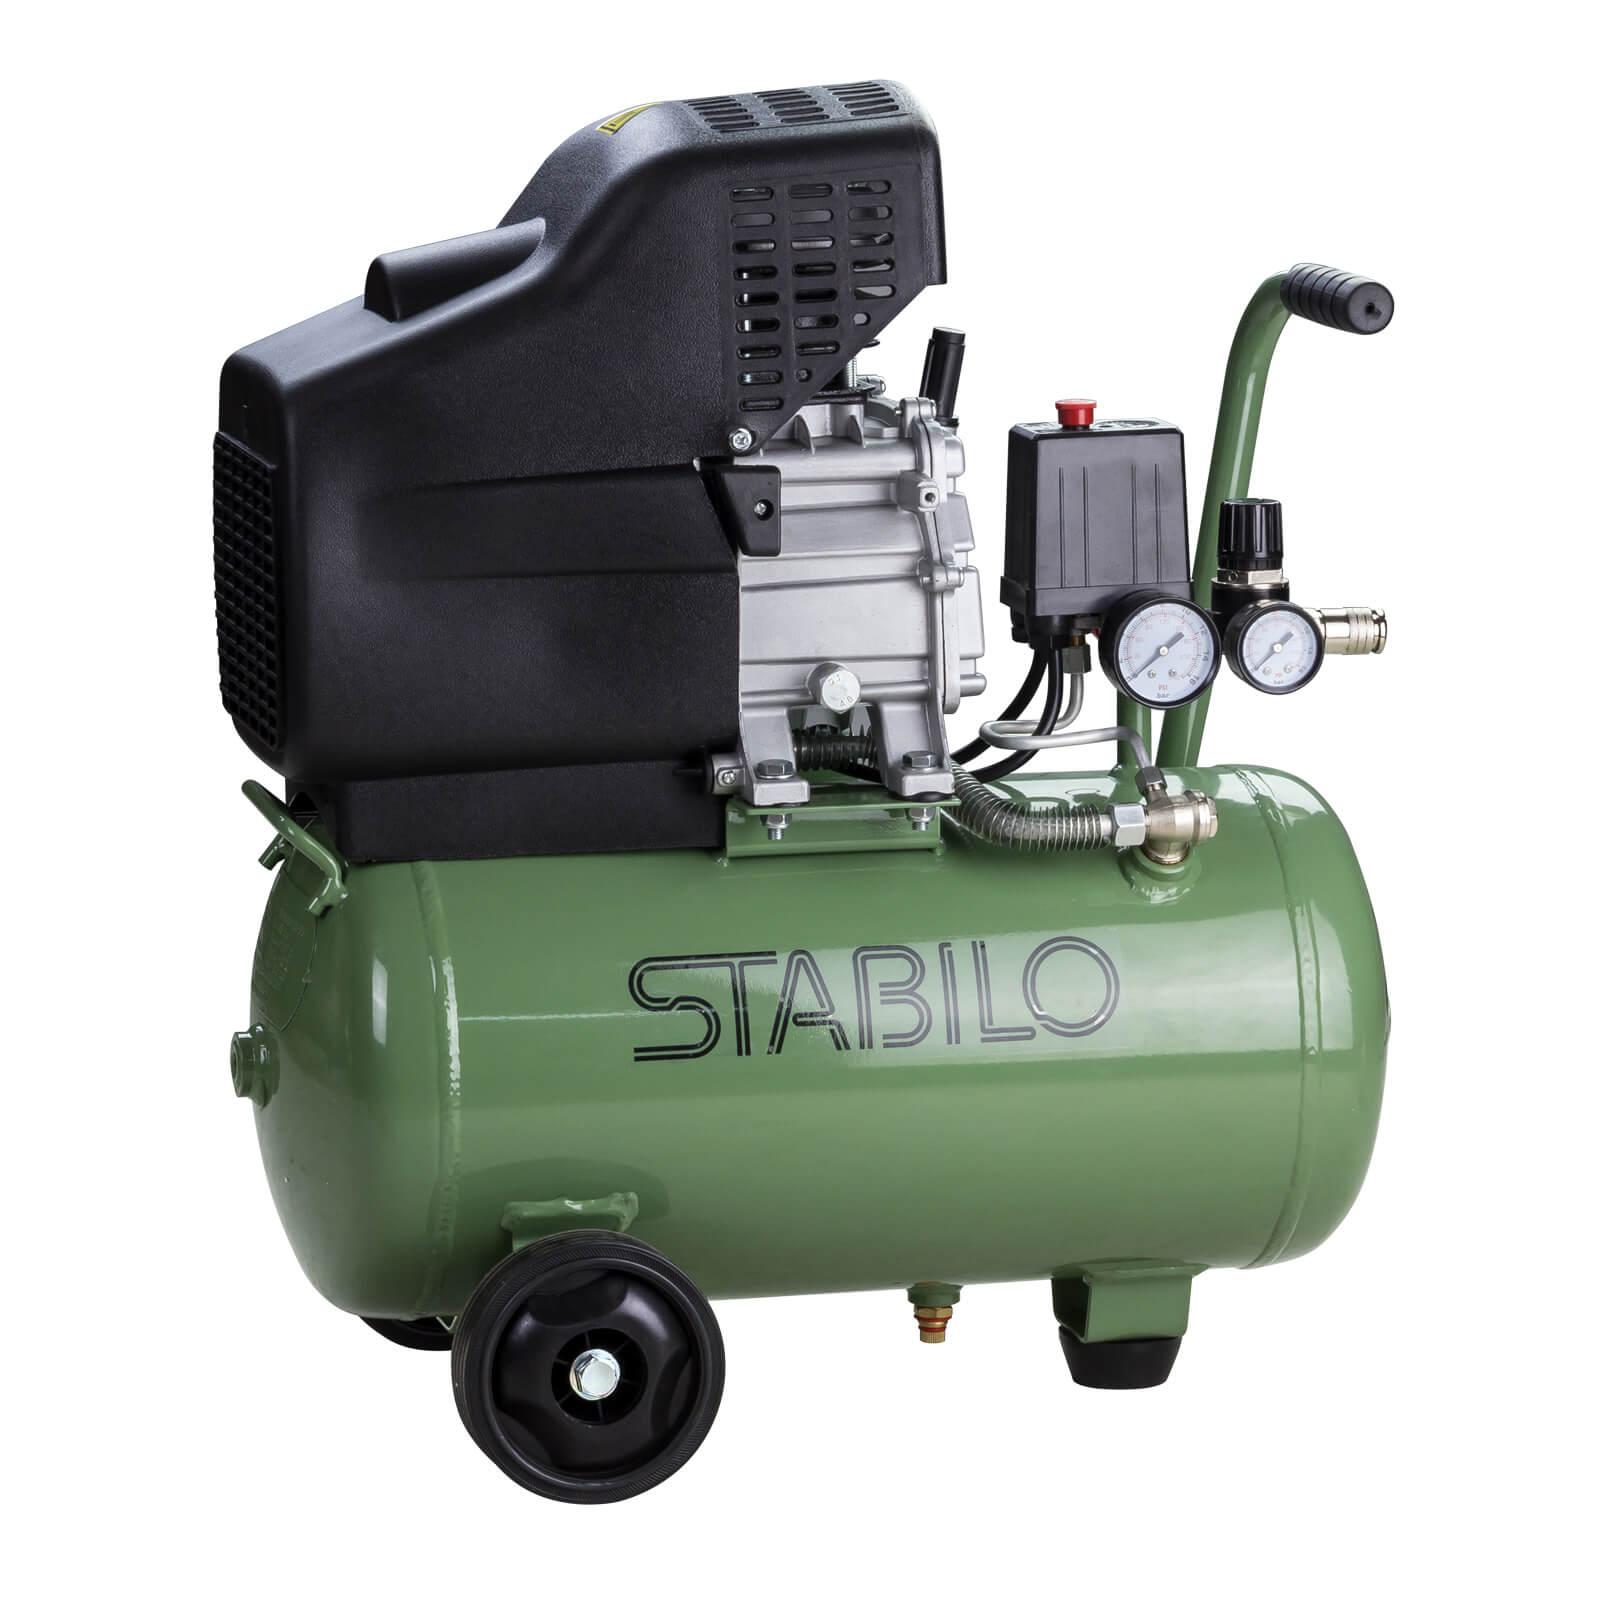 STABILO Druckluft Luft Kompressor 188L/min Kolbenkompressor Druckluftkompressor 24 Liter 24201